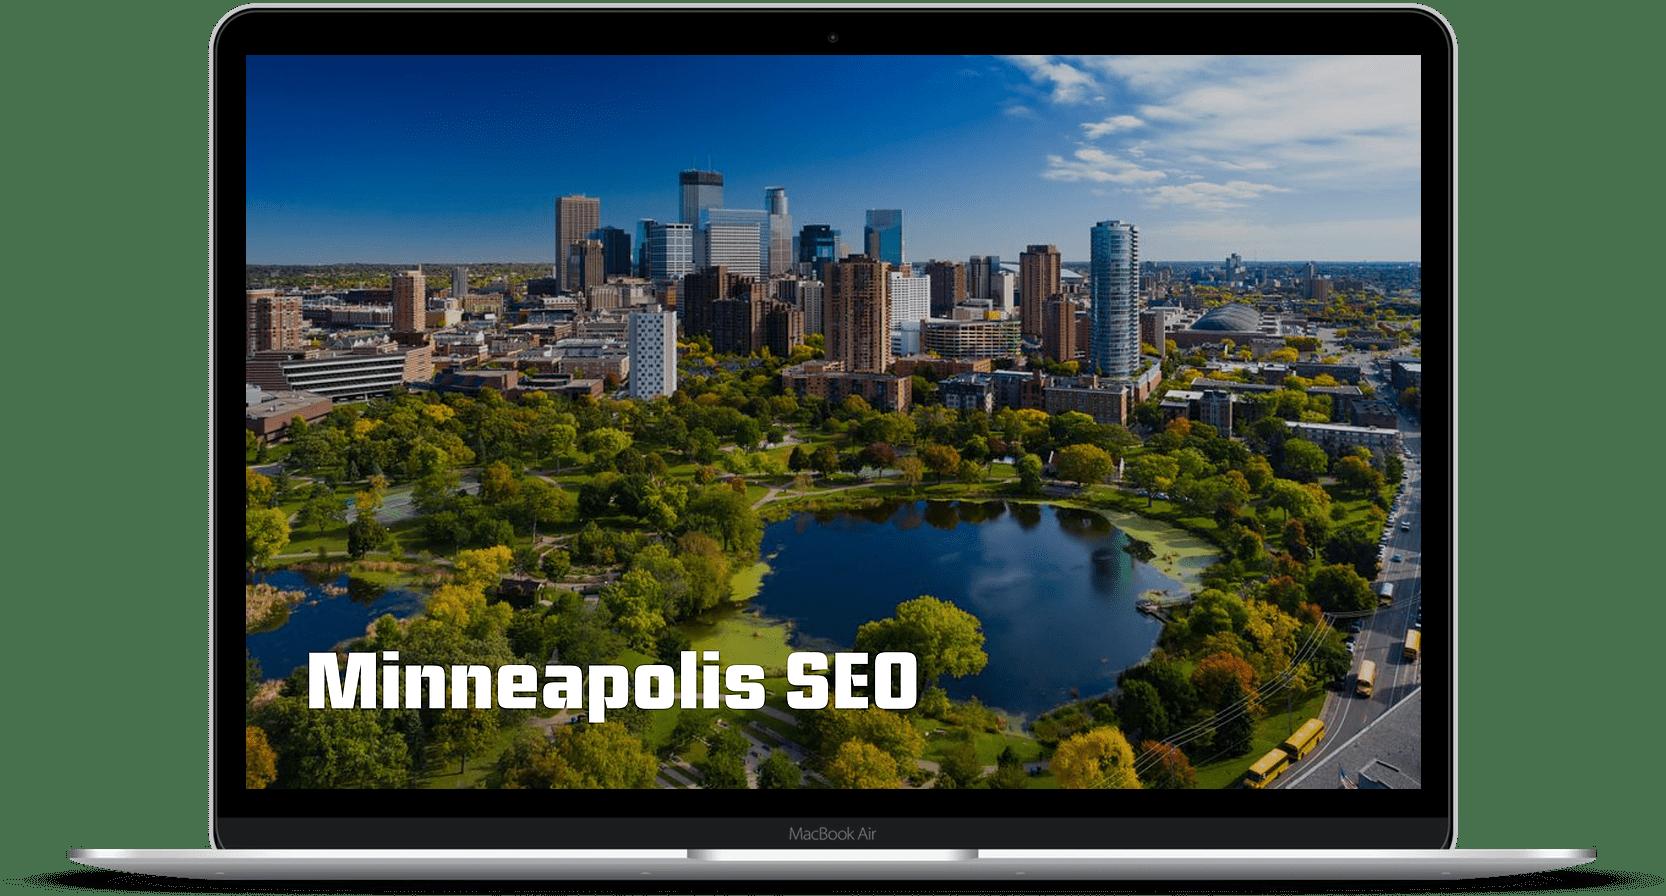 Minneapolis SEO Services